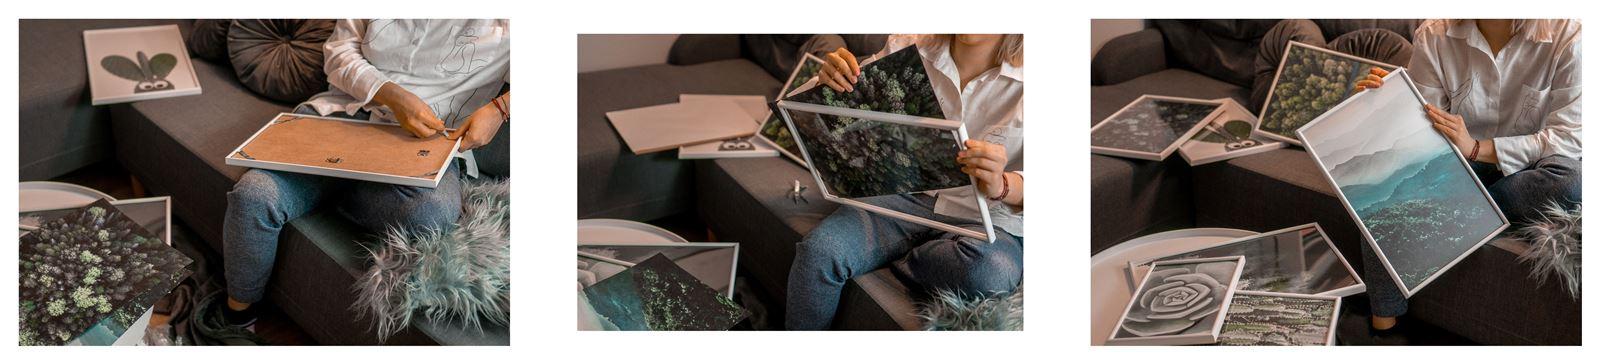 10a jak urządzić biuro w domu - dekoracje do biura, zielona ściana w mieszkaniu, jak zaprojektować galerię plakatów, plakaty krajobrazy rośliny na ścianę jak zawiesić obraz na ścianie jak urządzić biuro